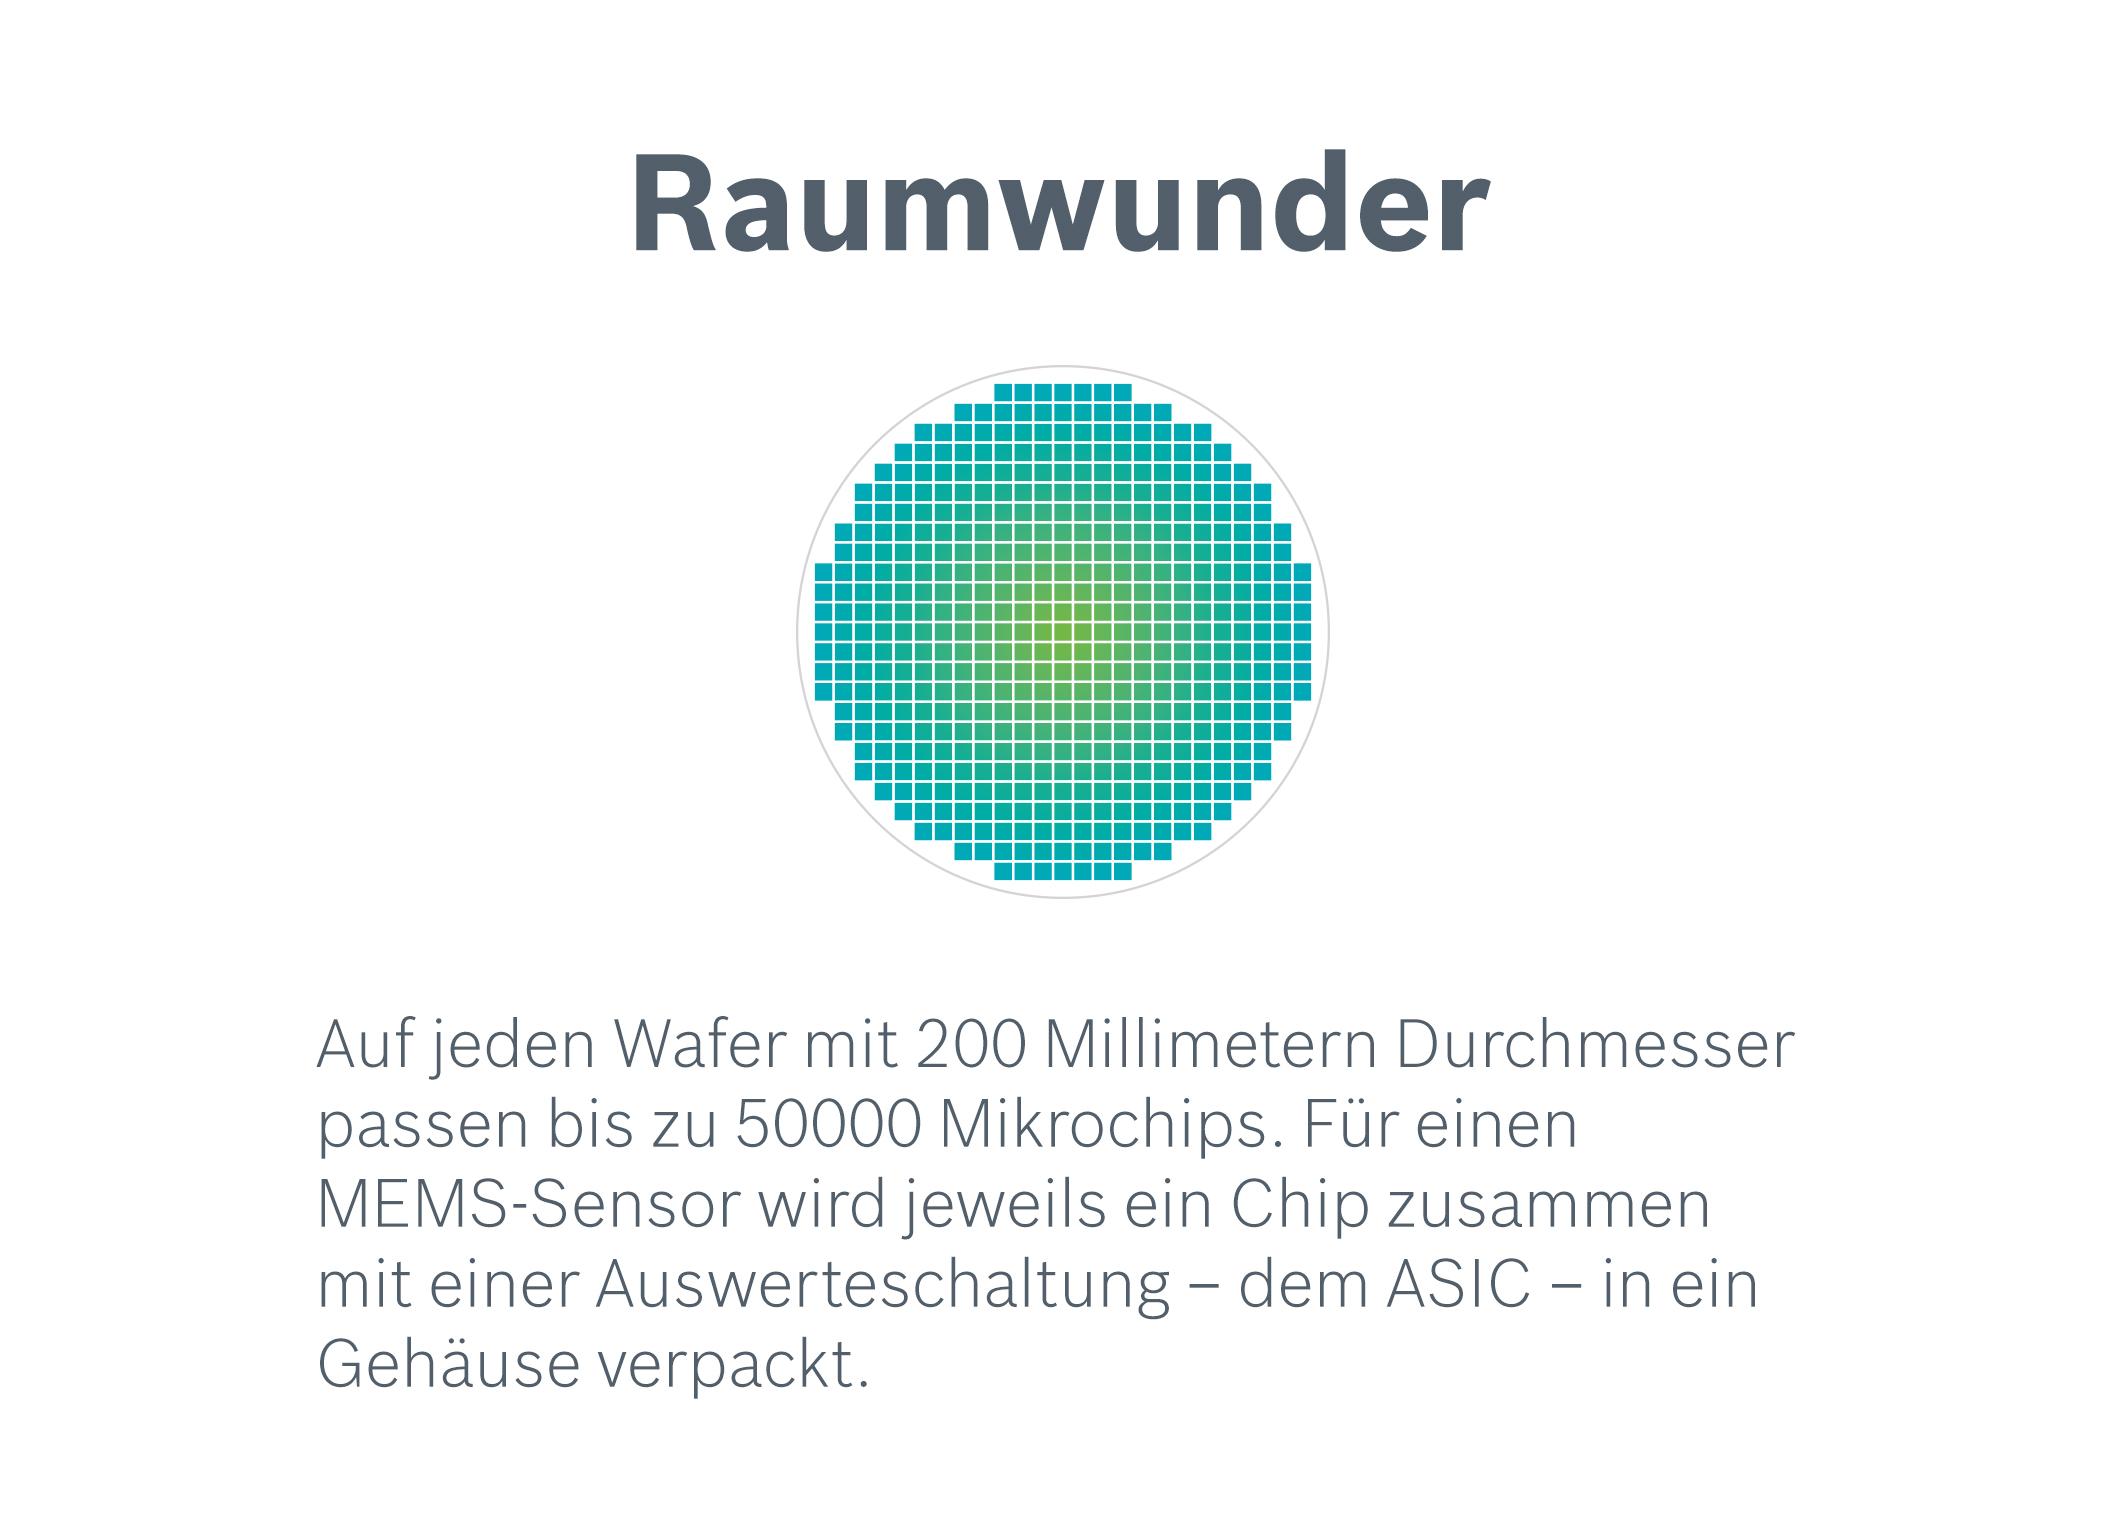 MEMS-Sensoren von Bosch